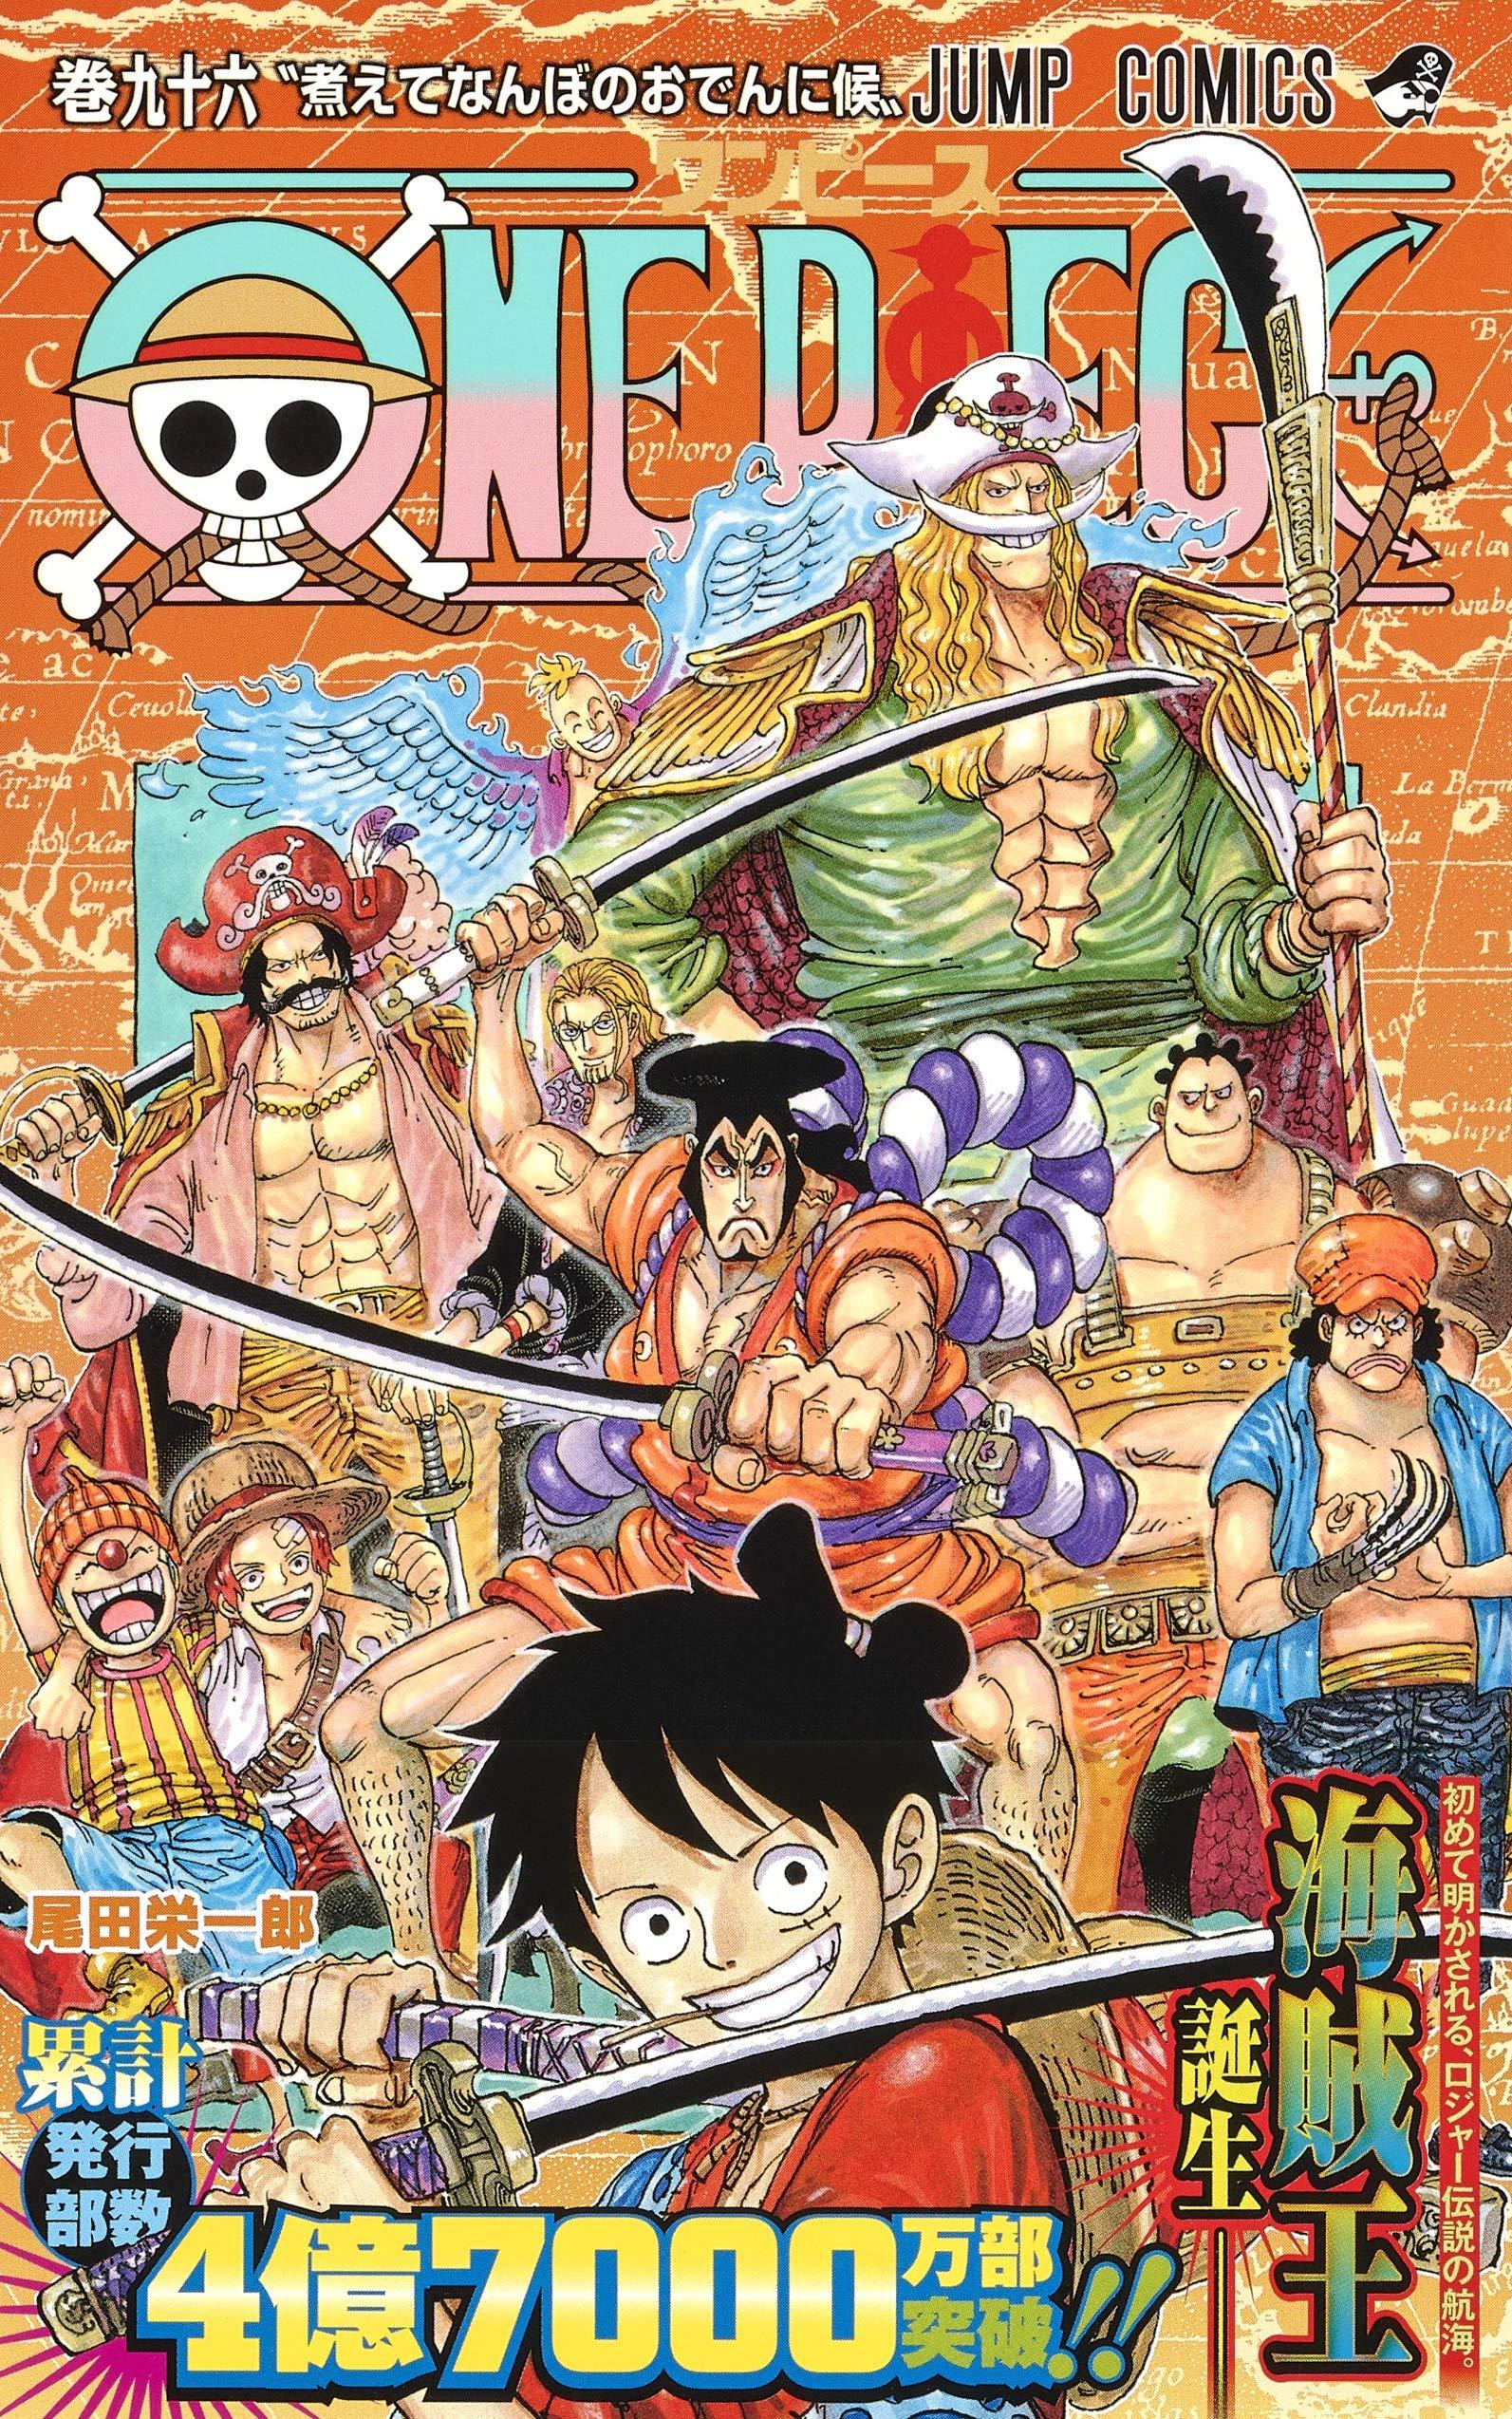 ONE PIECE 96 (ジャンプコミックス)   尾田 栄一郎  本   通販   Amazon